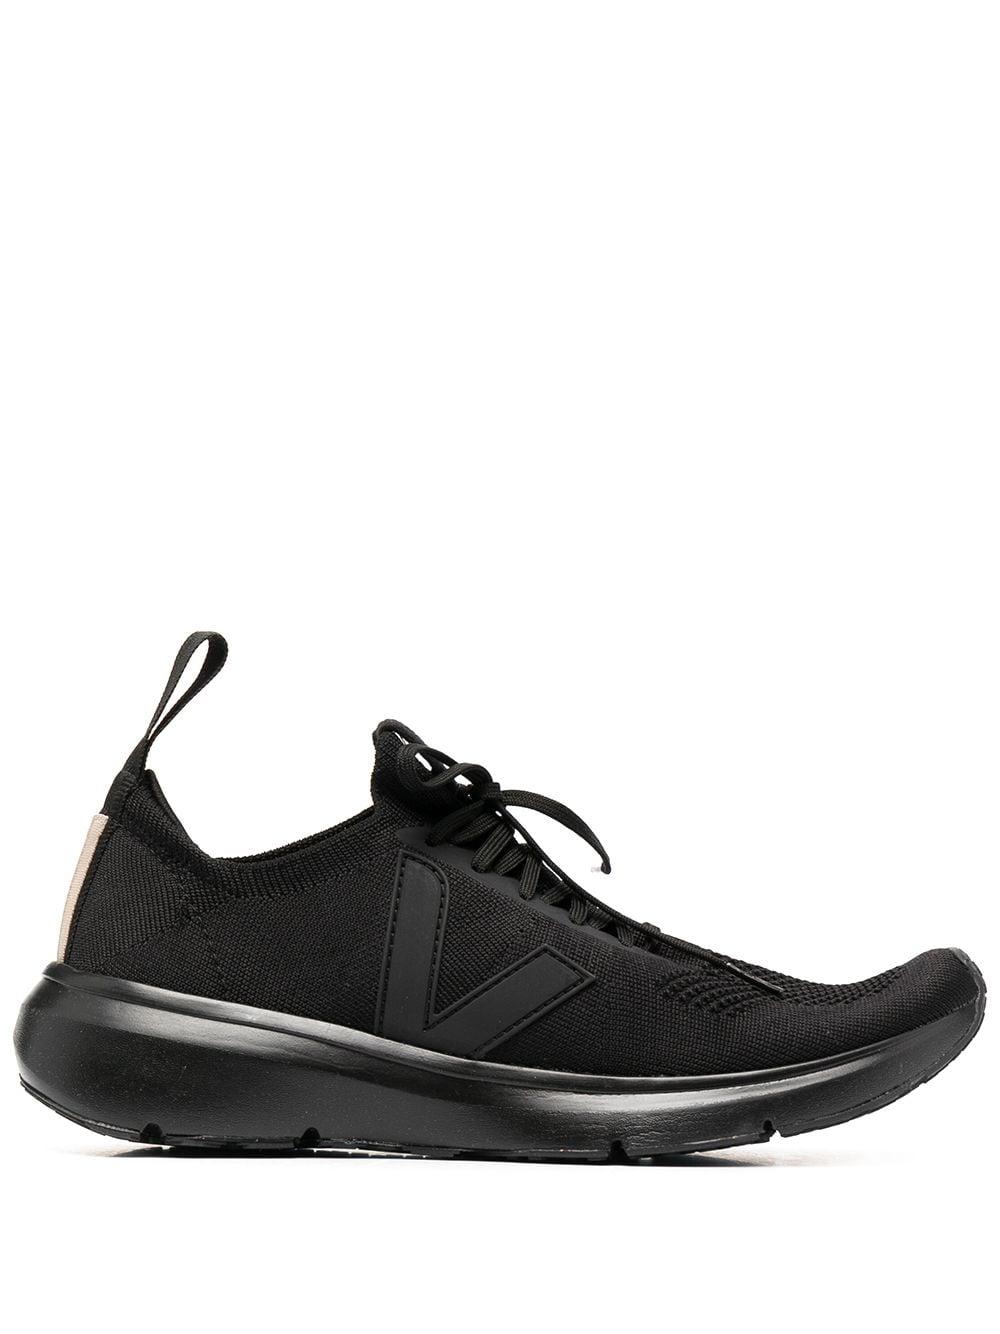 Rick Owens X Veja sock low top sneakers man black RICK OWENS X VEJA   Sneakers   VM21S6800 KVE99